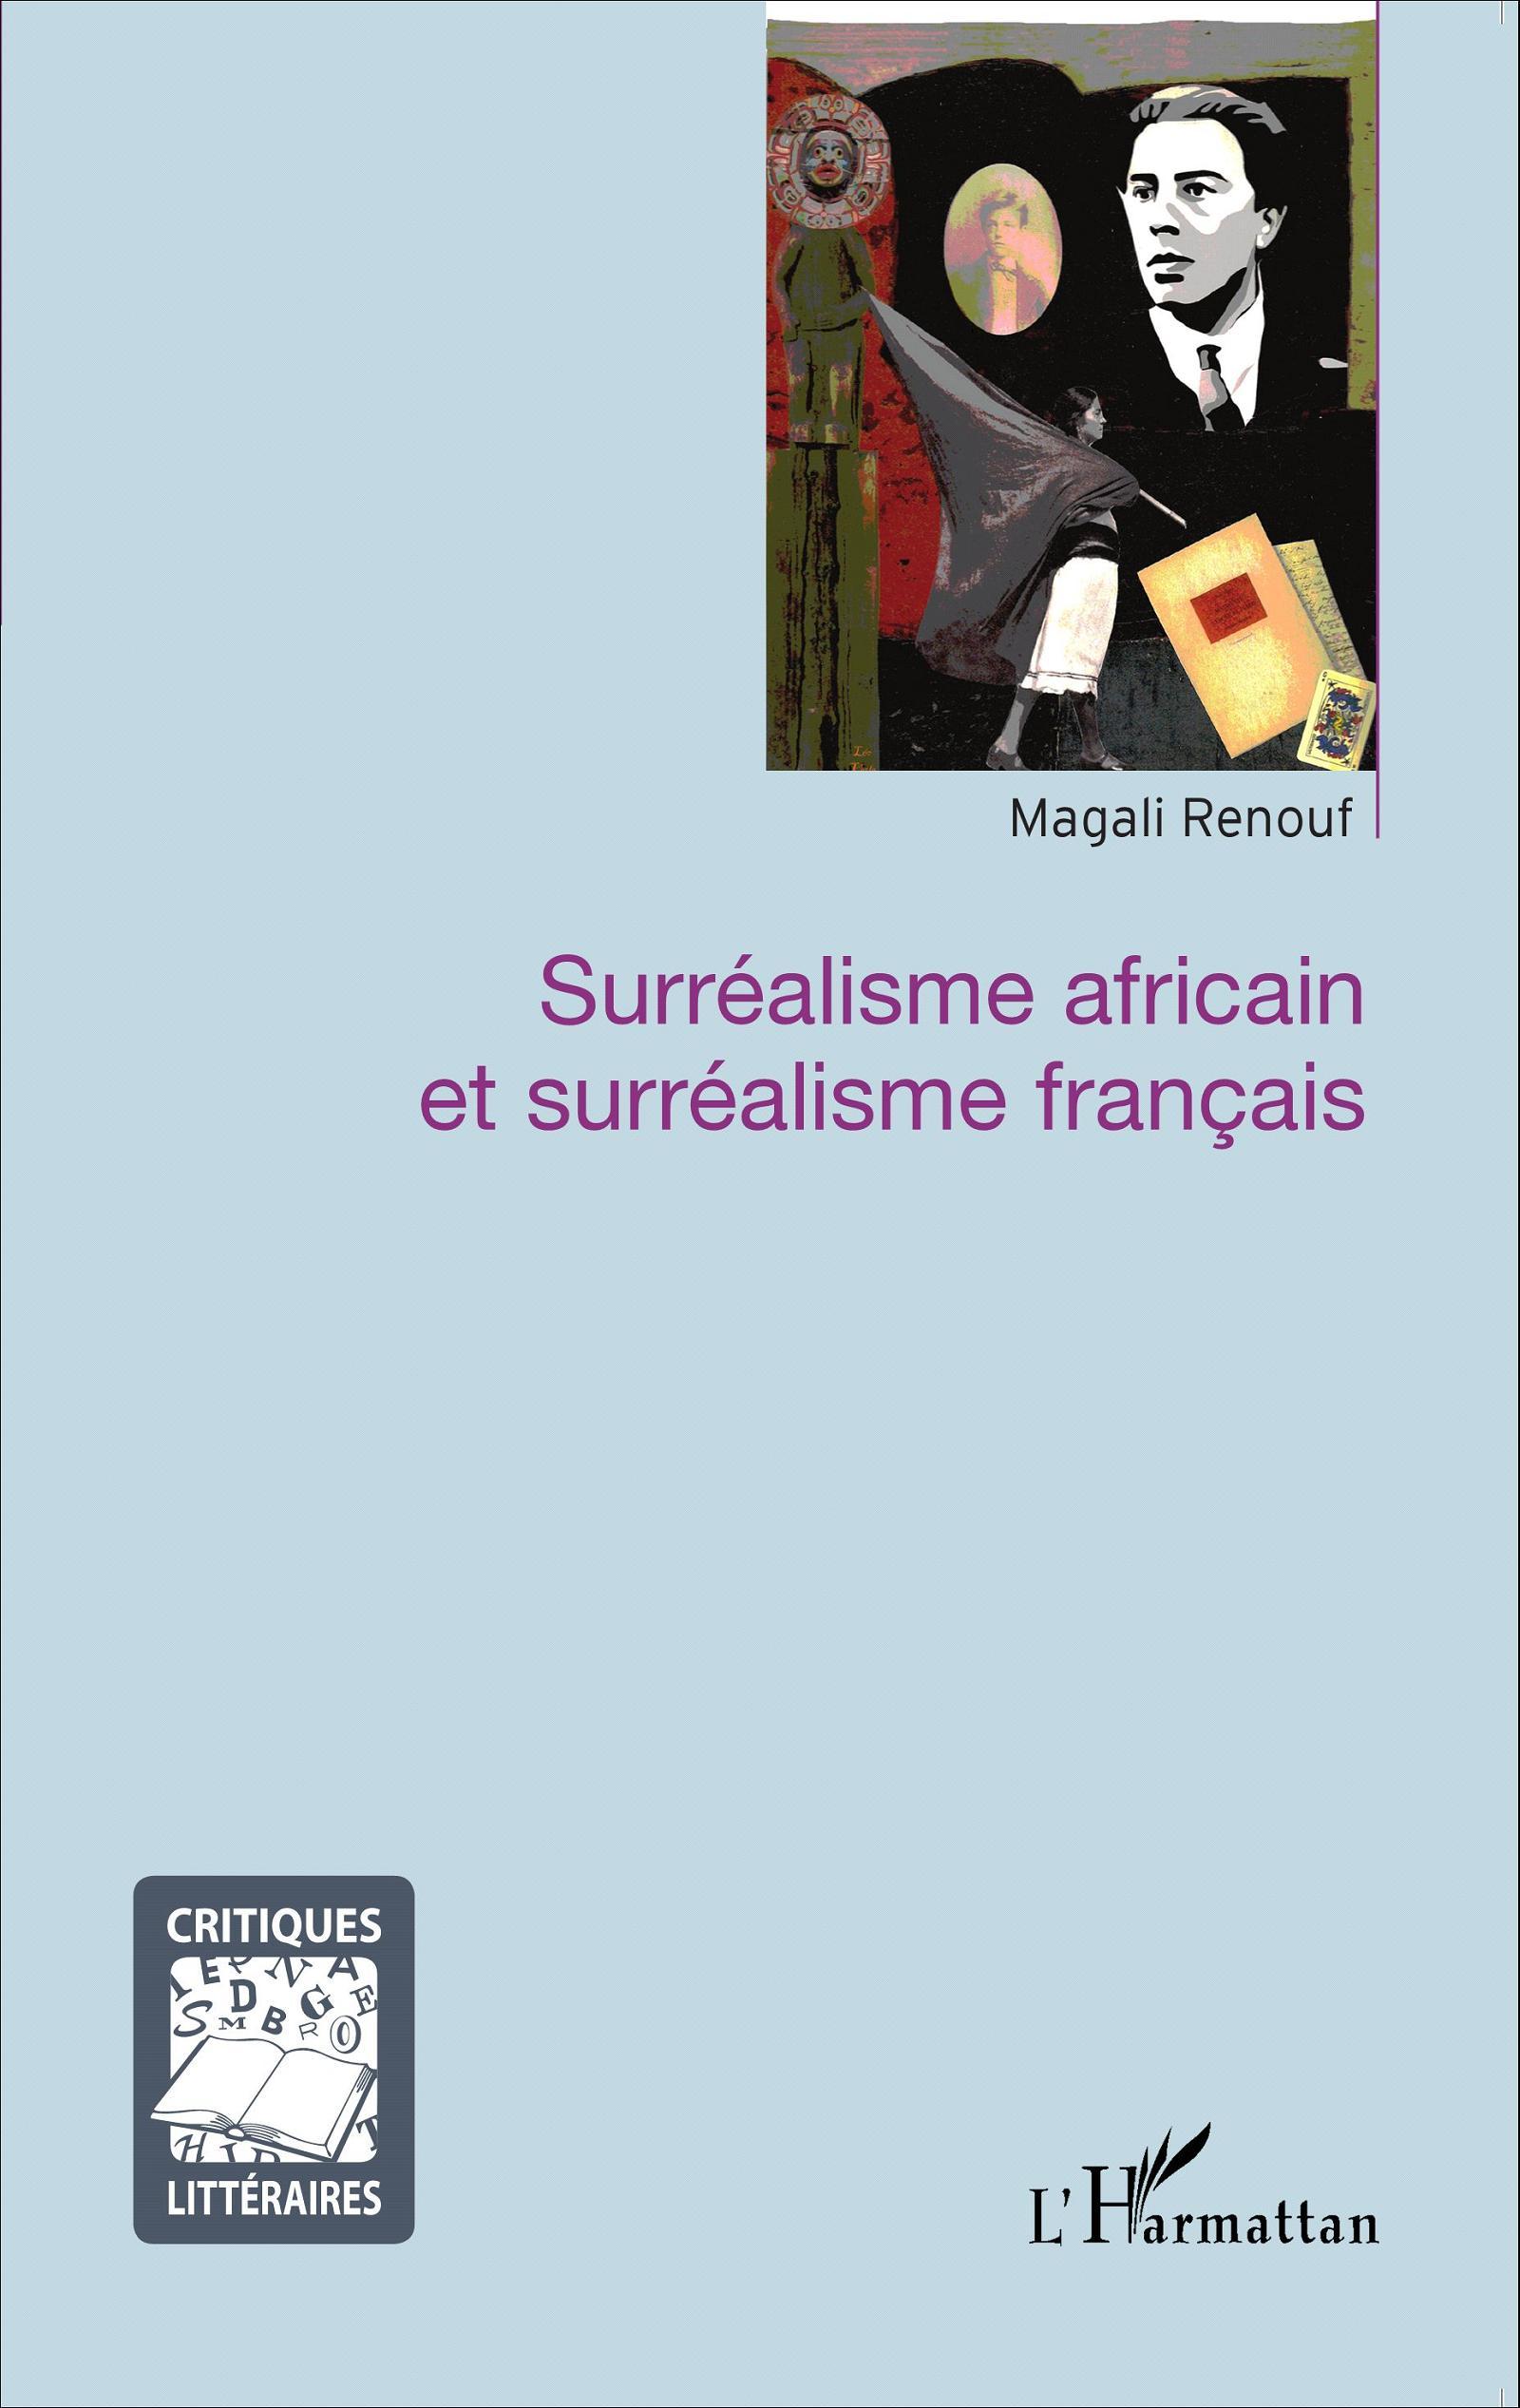 M. Renouf, Surréalisme africain et surréalisme français